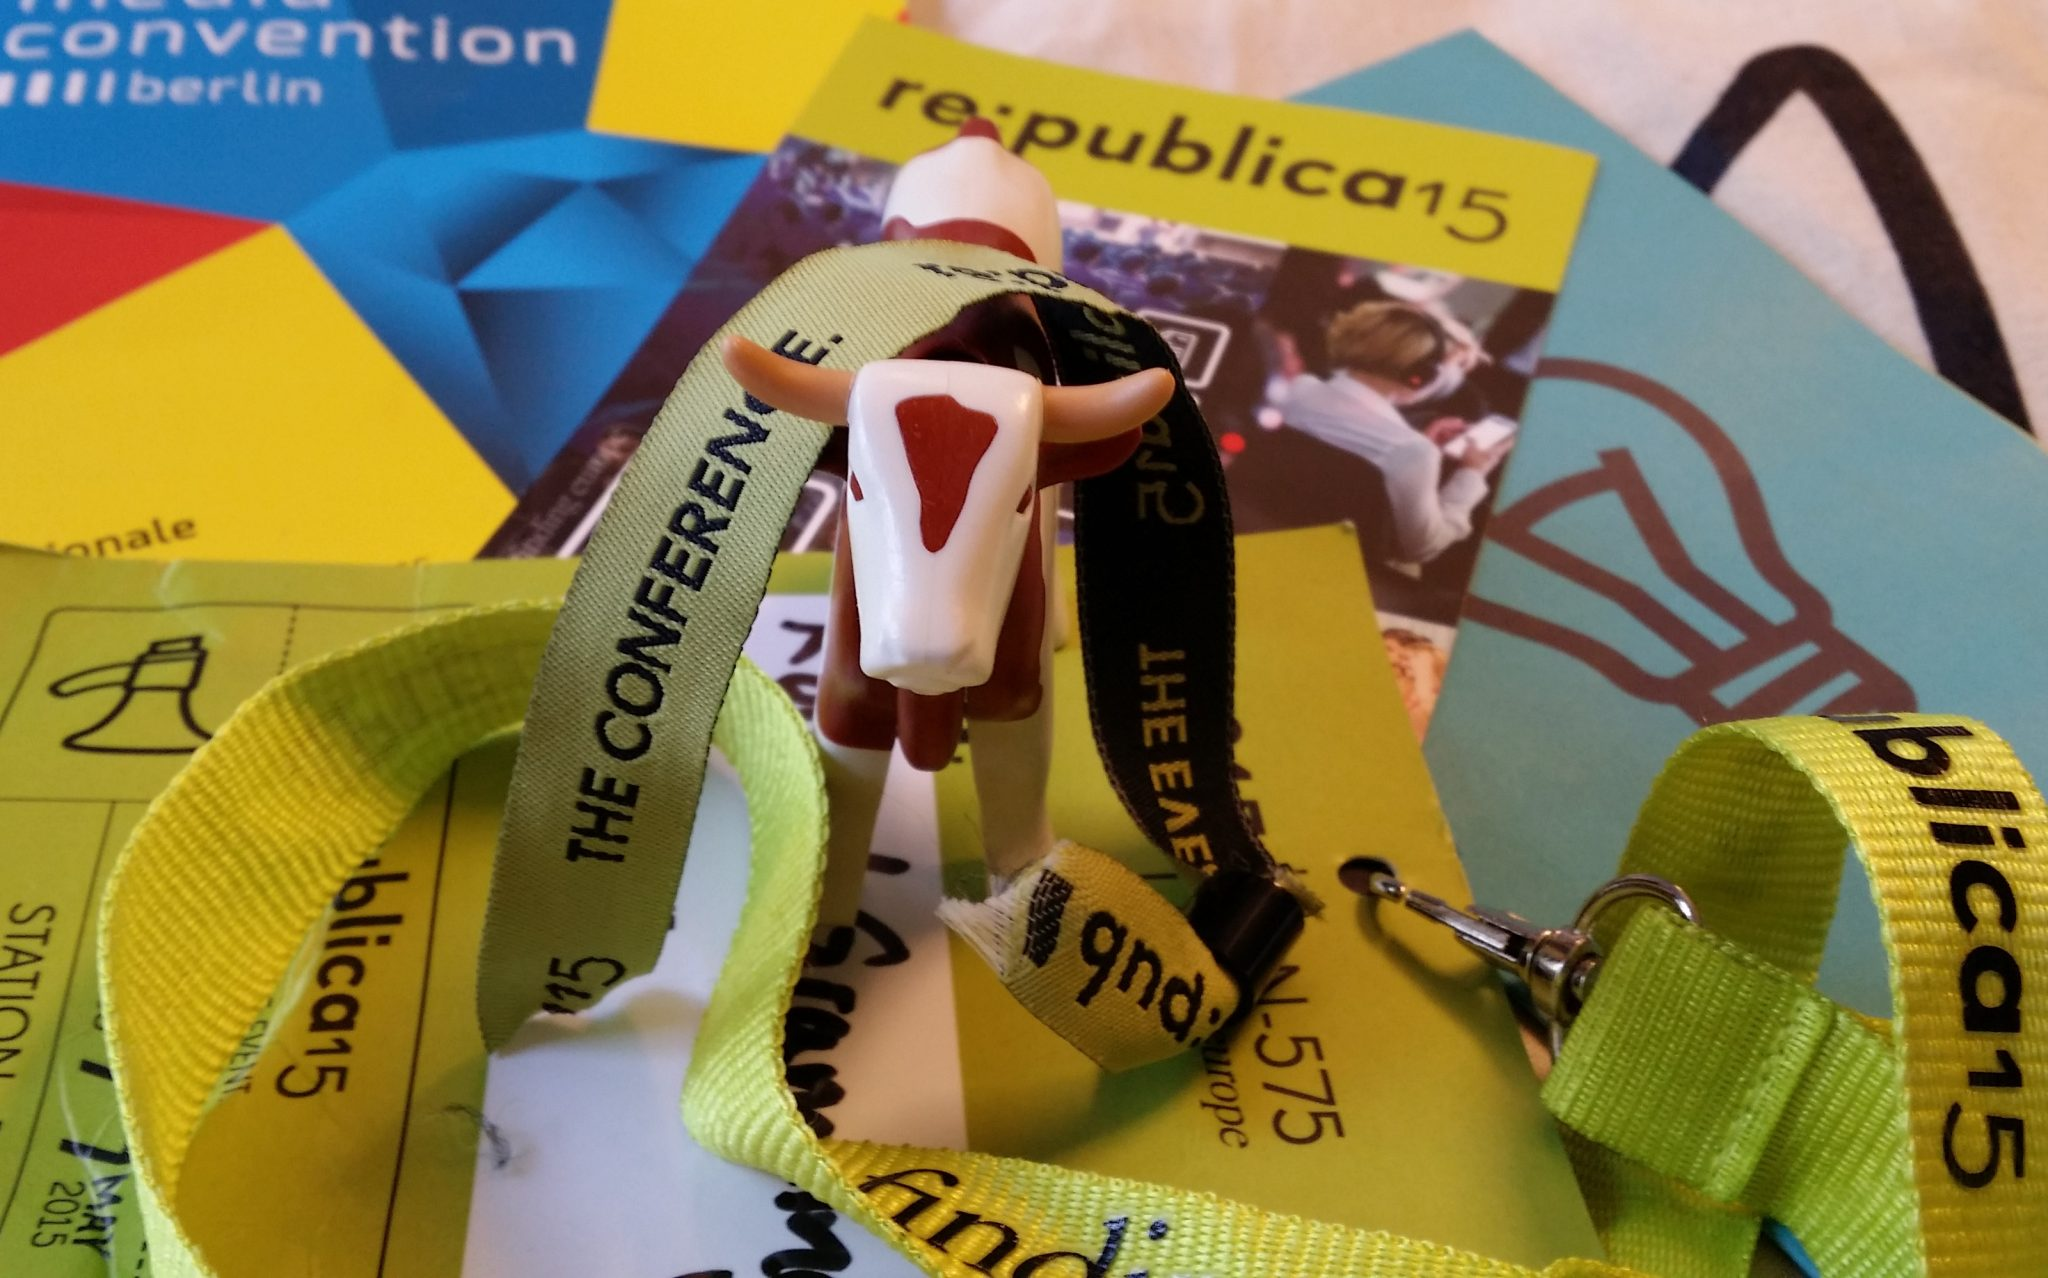 Der Coup (sprich Kuh) der Woche auf der re:publica (sprich #rp15)